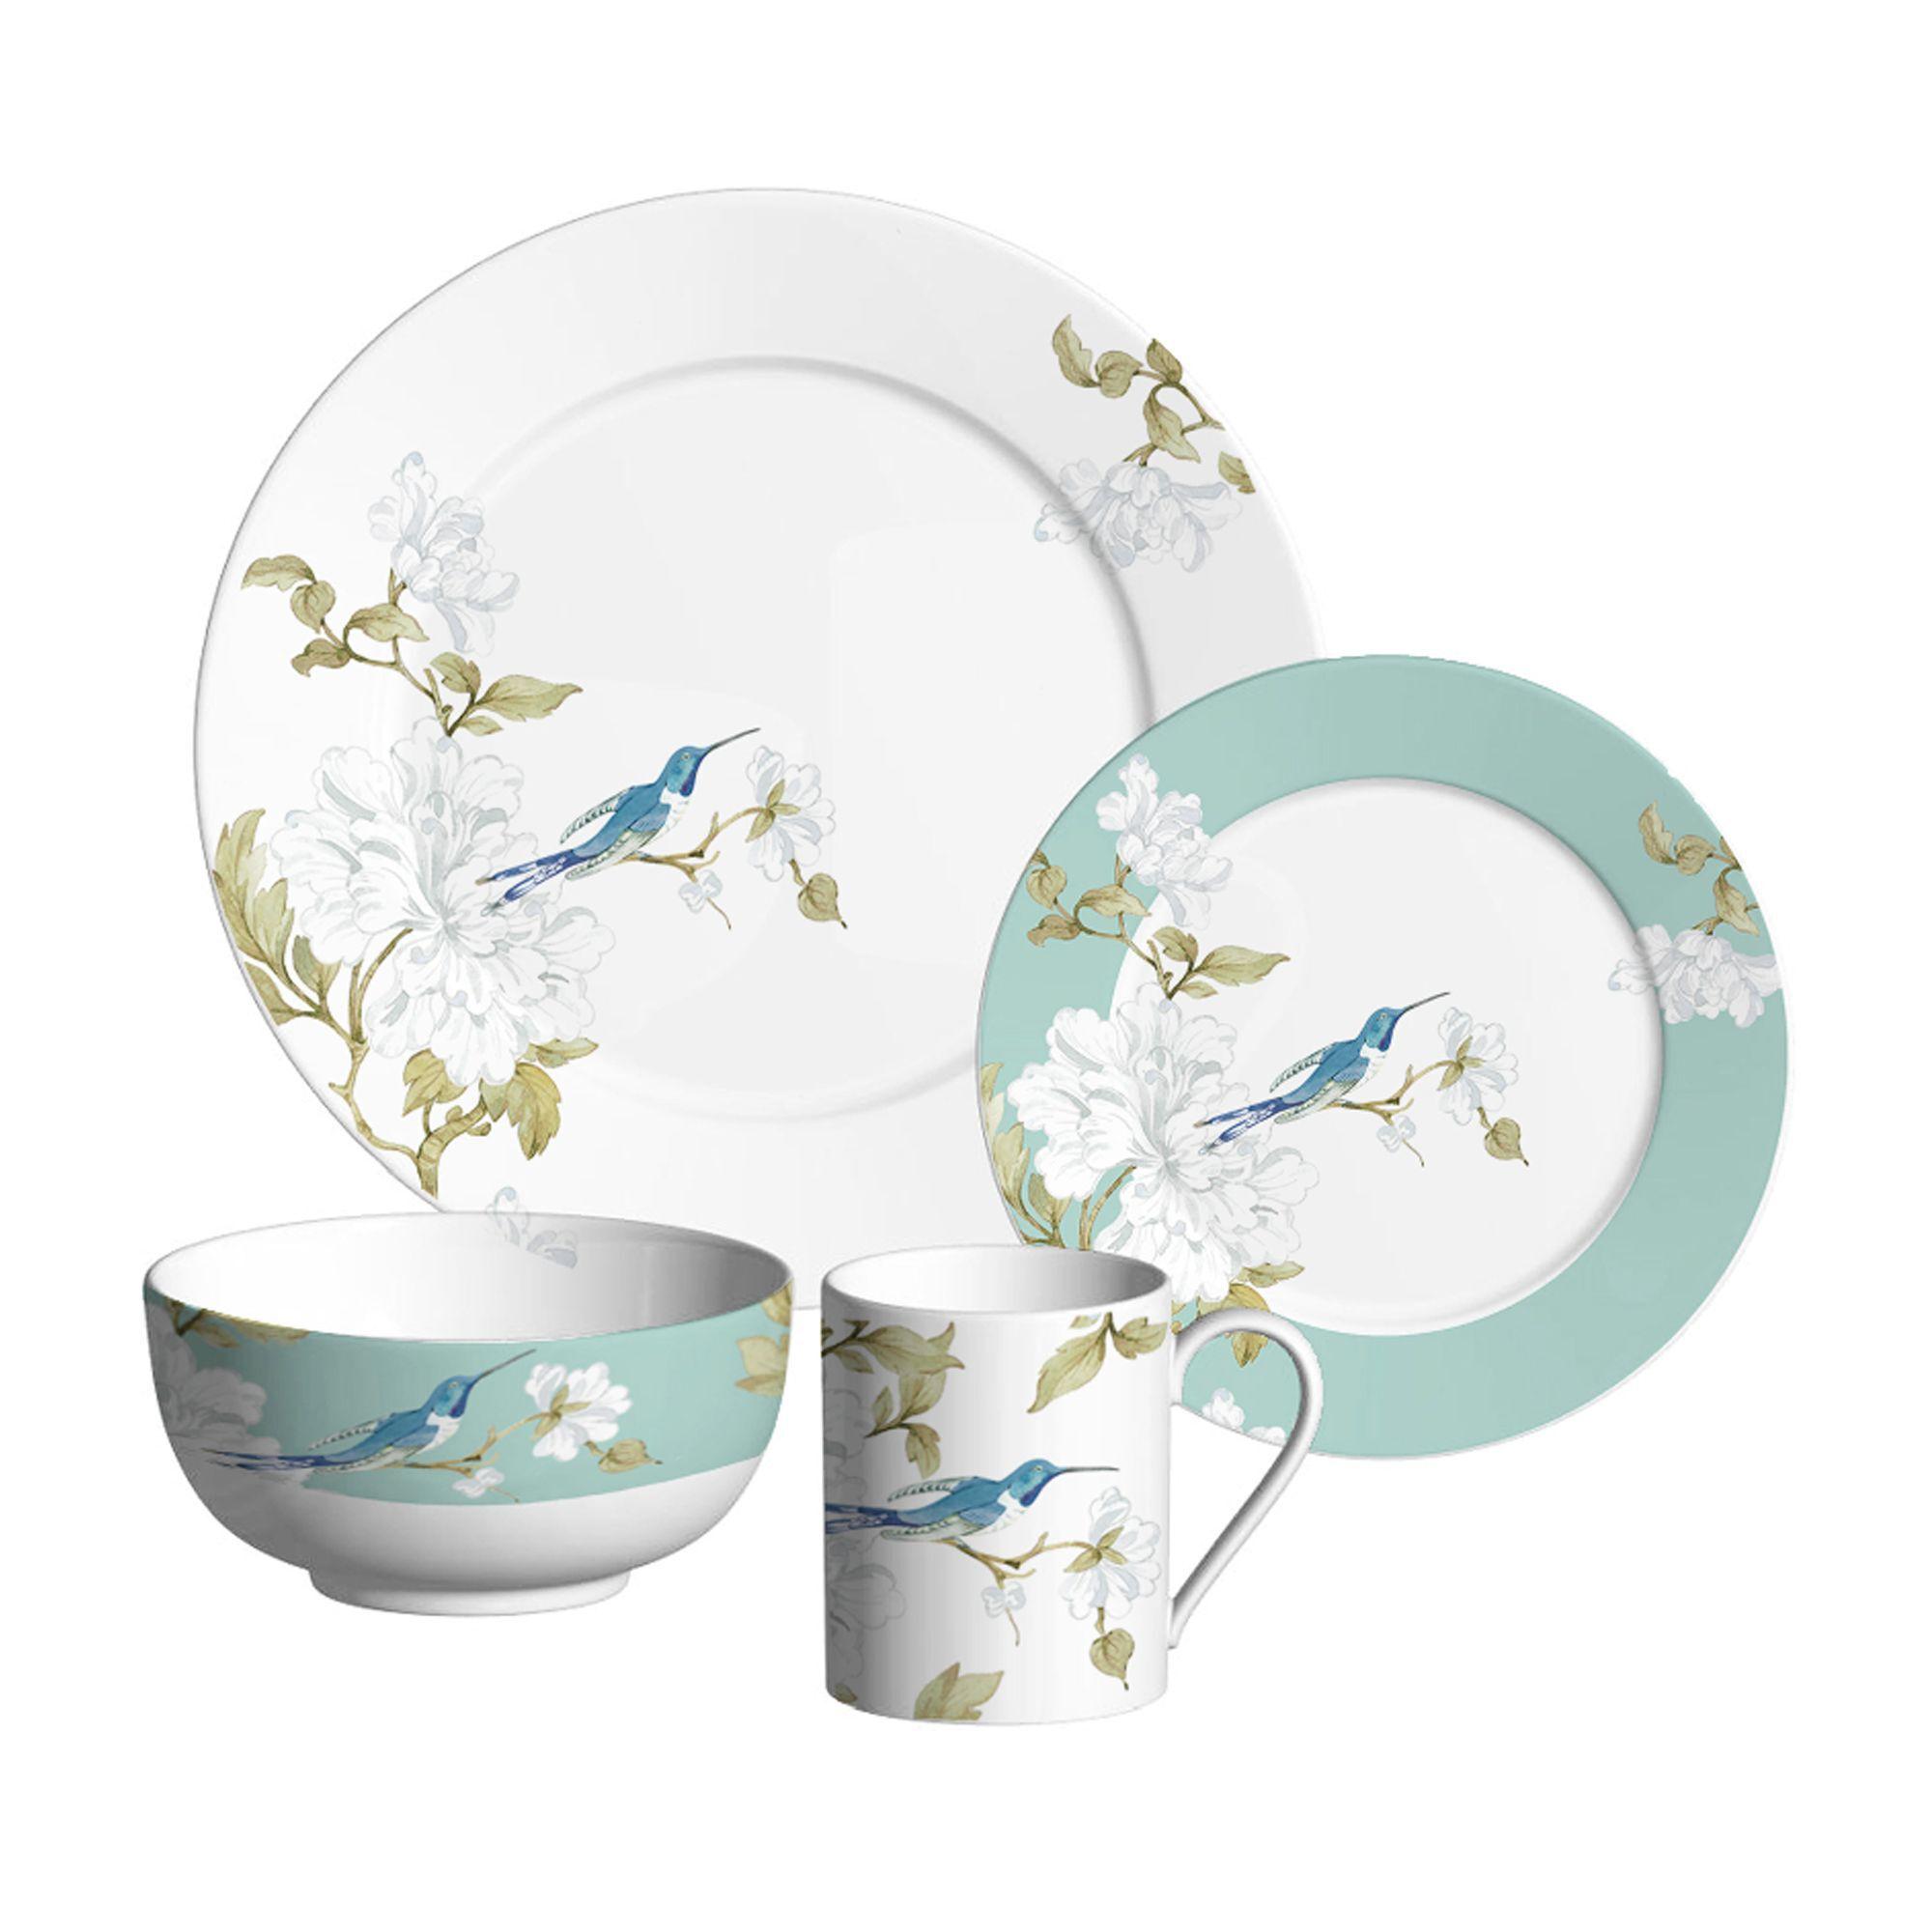 Royal Worcester u0026quot;Nectaru0026quot; Porcelain Dinnerware  default  sc 1 st  Ross-Simons & Royal Worcester